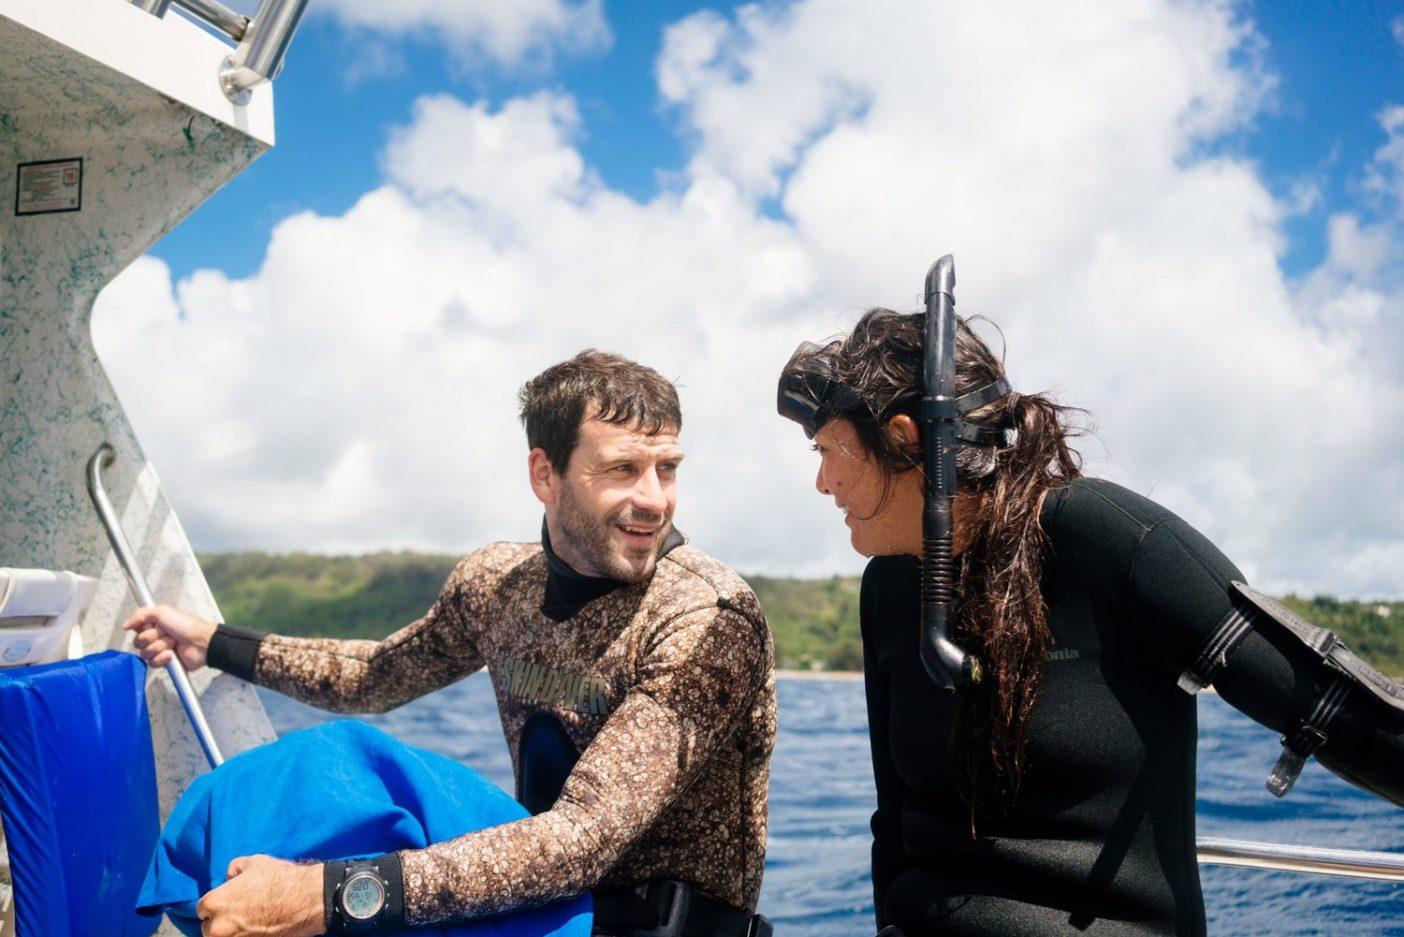 ダイビング後のジャスティン・ターコースキーとキミ・ワーナー。キミと彼女の30メートルのダイビングにお供できるのは、撮影クルーの中ではジャスティンだけ。僕は彼にカメラを手渡し、それが深海での水圧に耐えられることを祈った。彼が捉えた映像は貴重だった。Photo: Donnie Hedden